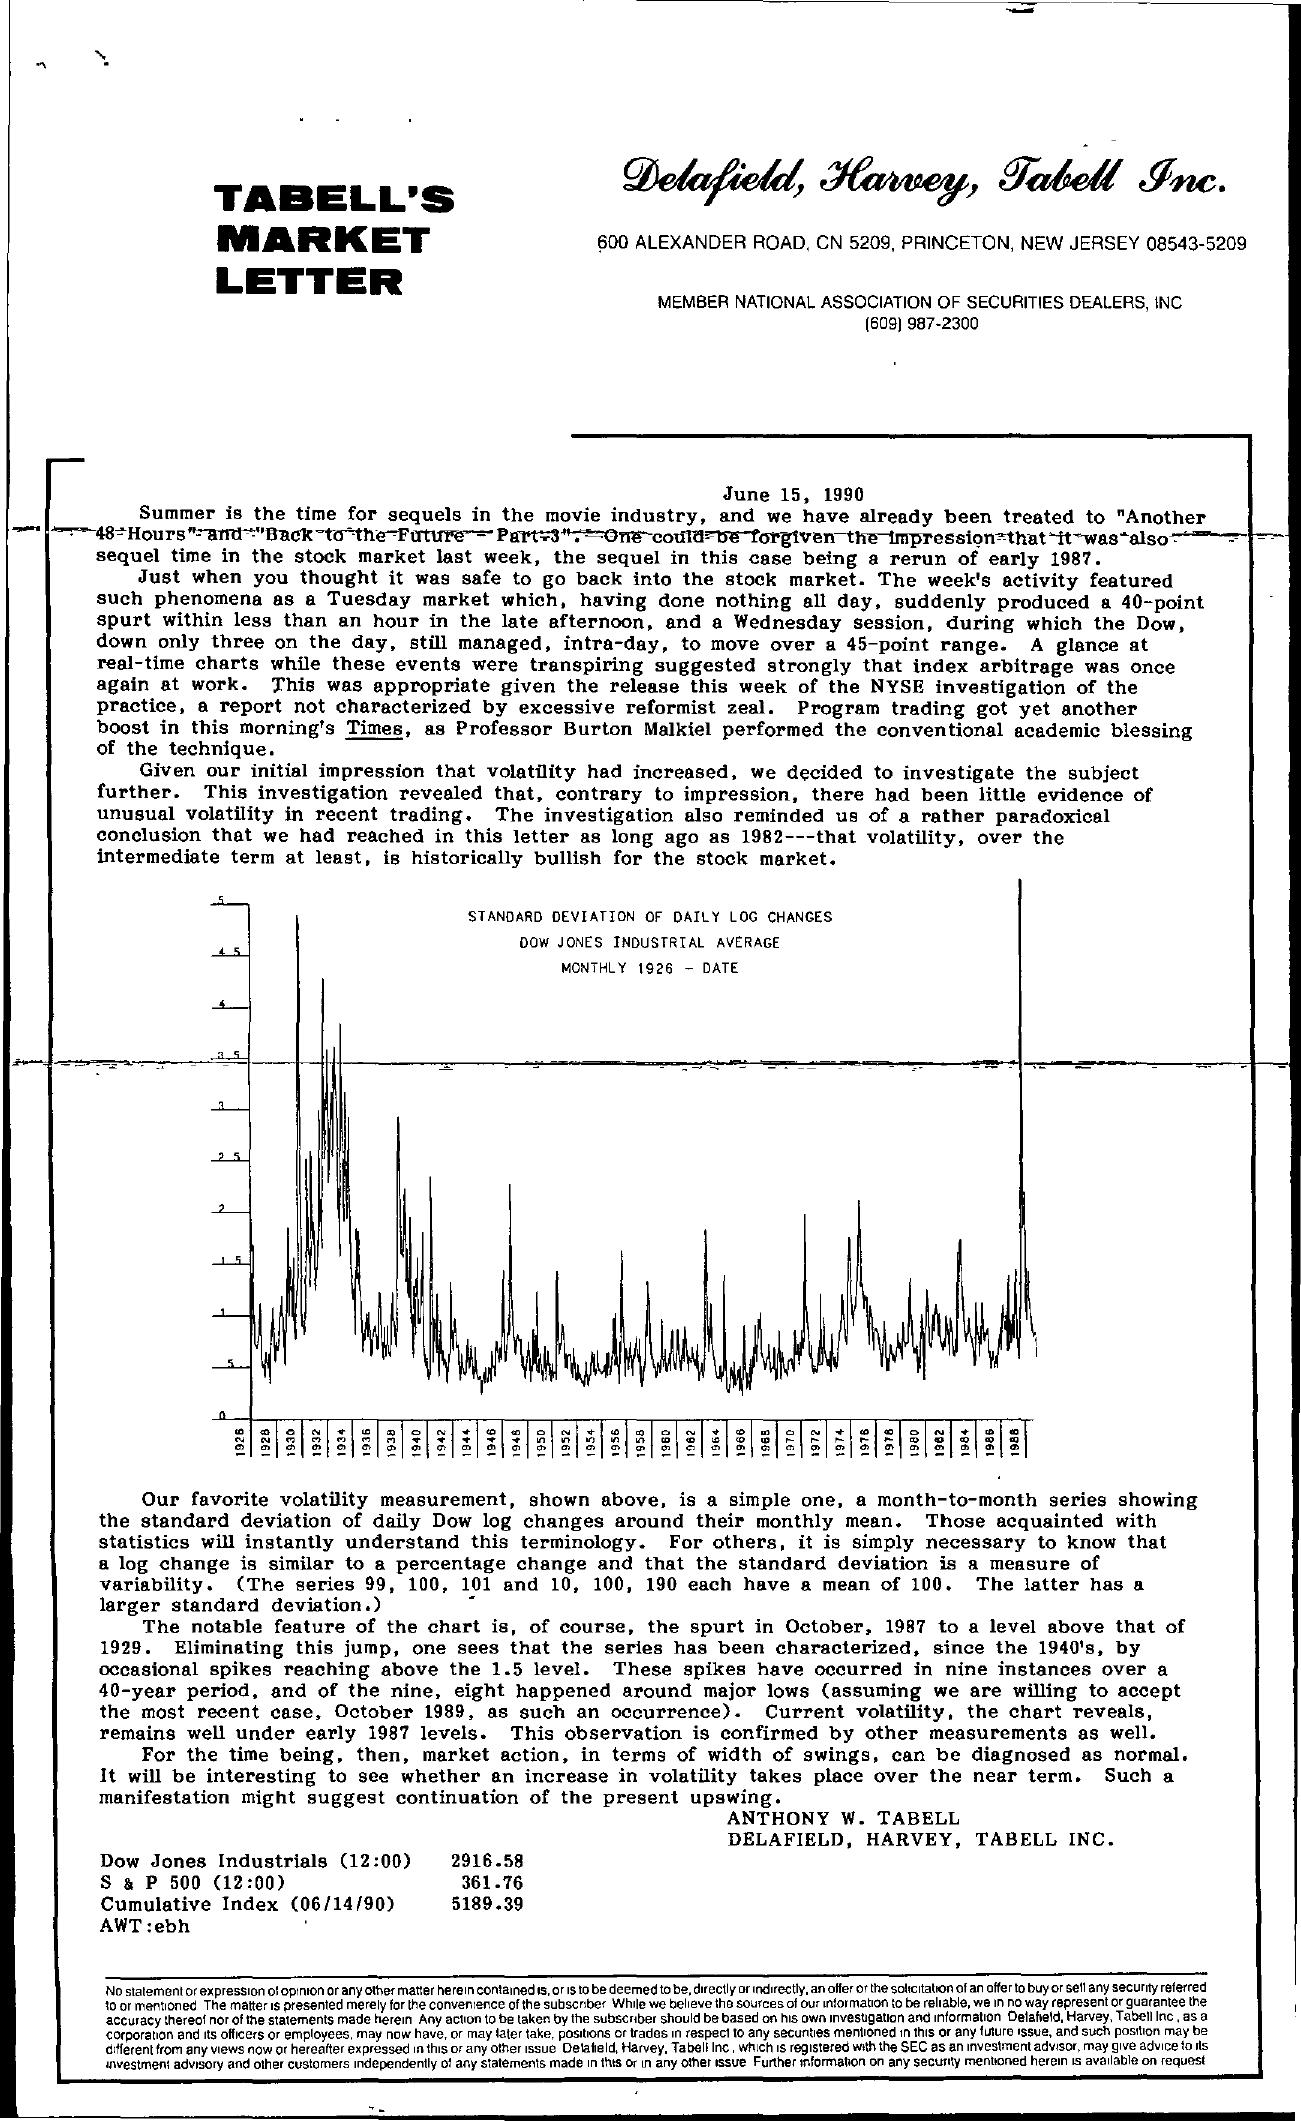 Tabell's Market Letter - June 15, 1990